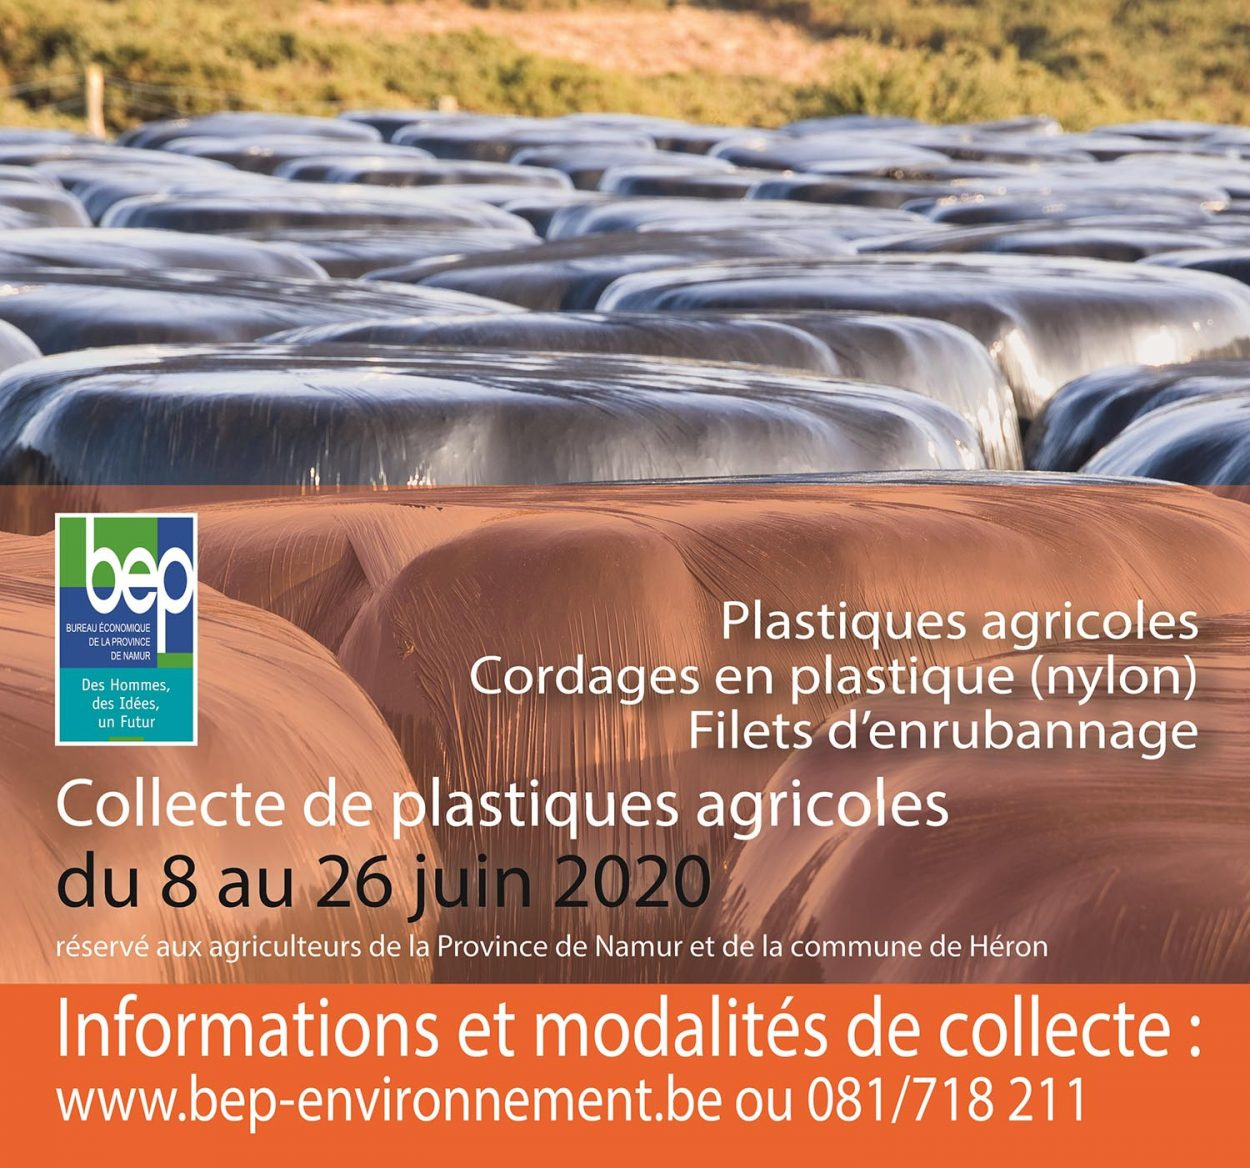 visuel pour la collecte des bâches agricoles 2020